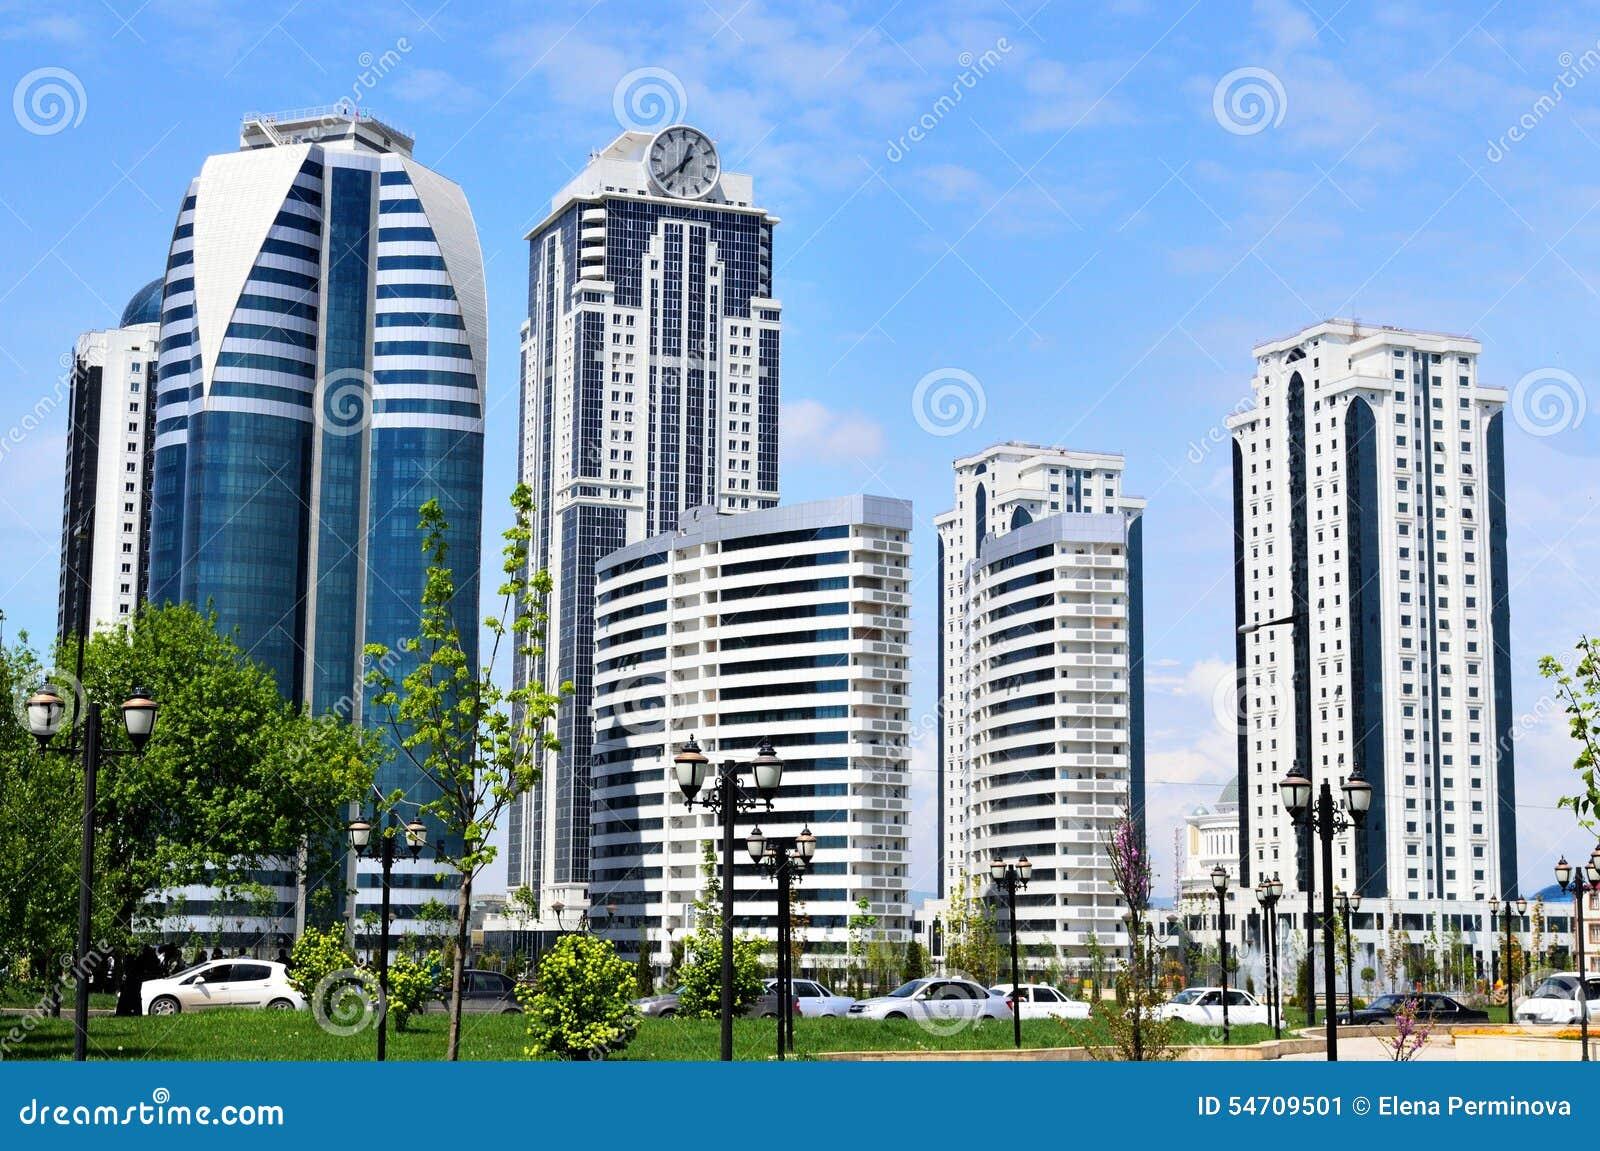 Γκρόζνυ, η πρωτεύουσα της τσετσένιας Δημοκρατίας